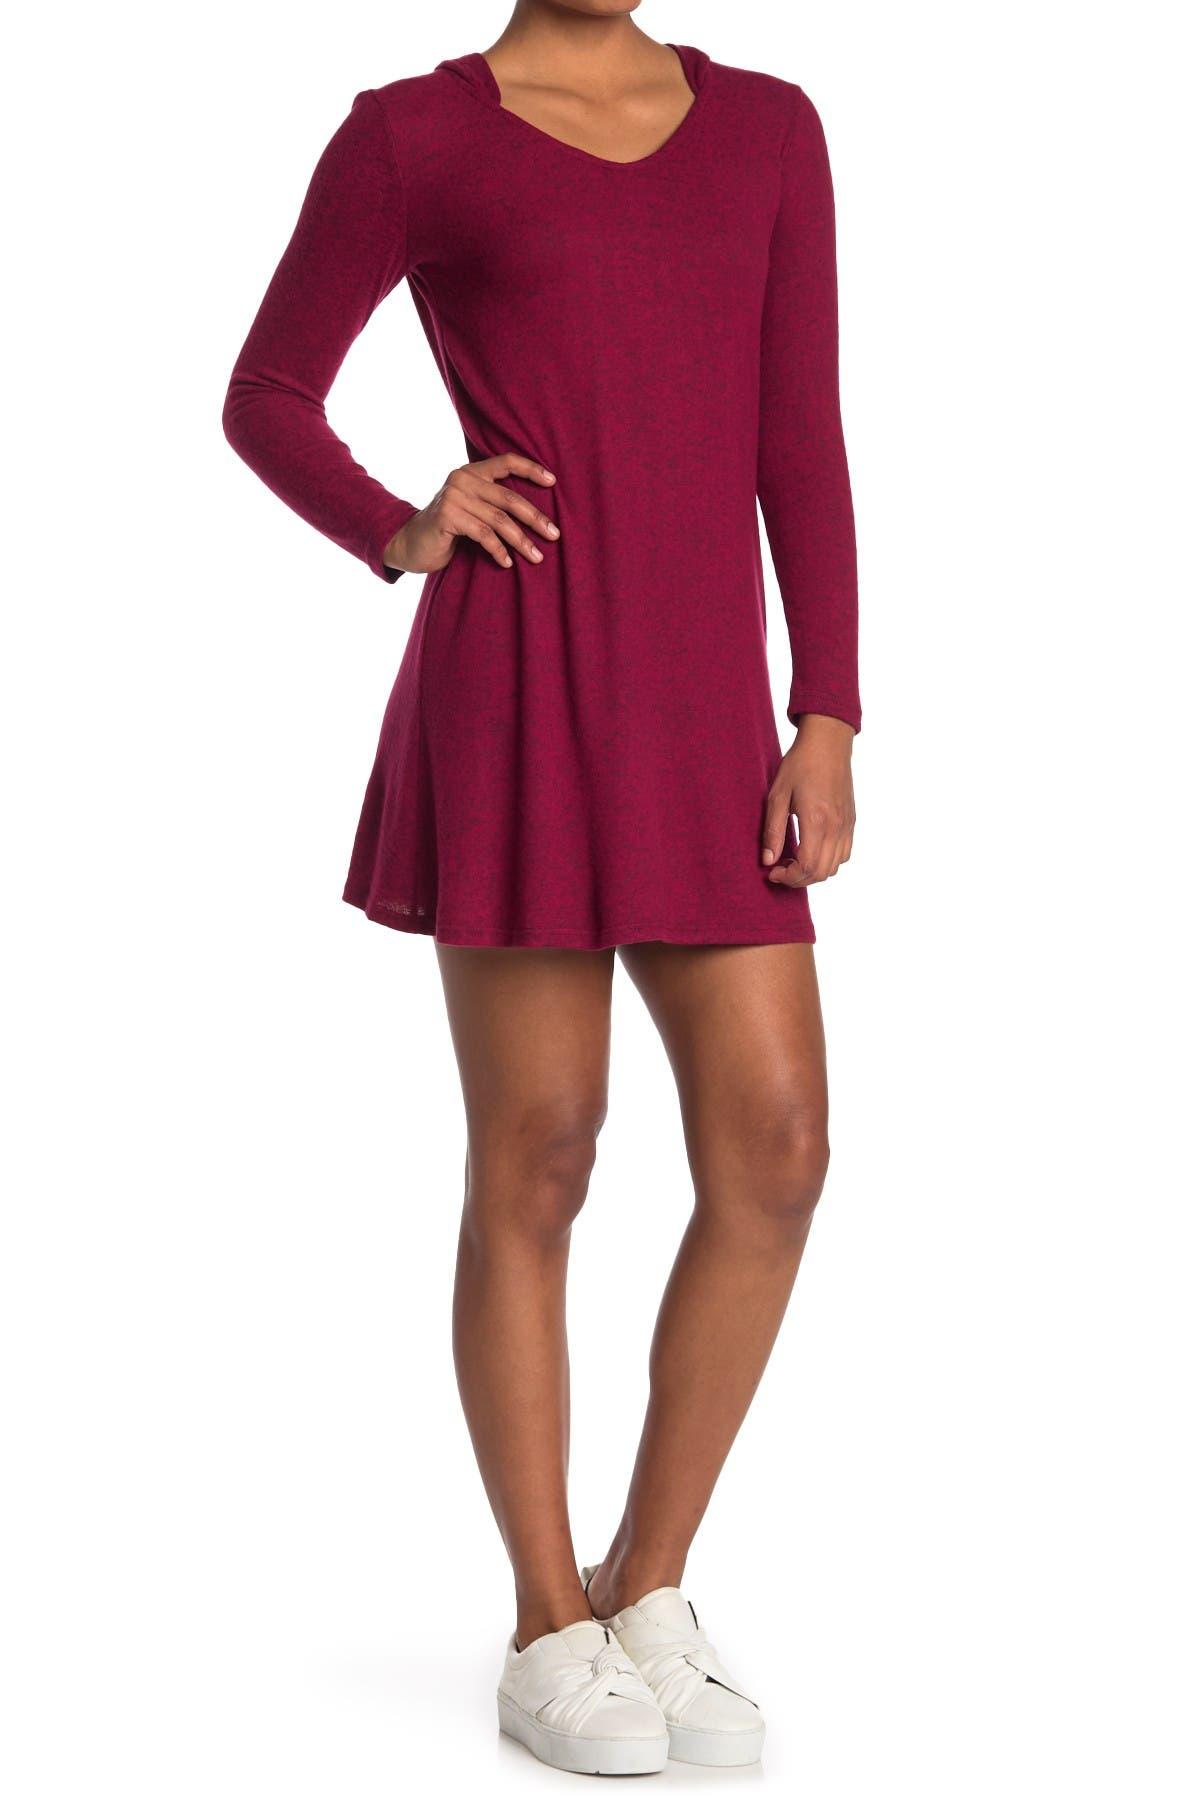 Image of TASH + SOPHIE Marled A-Line Hooded Dress